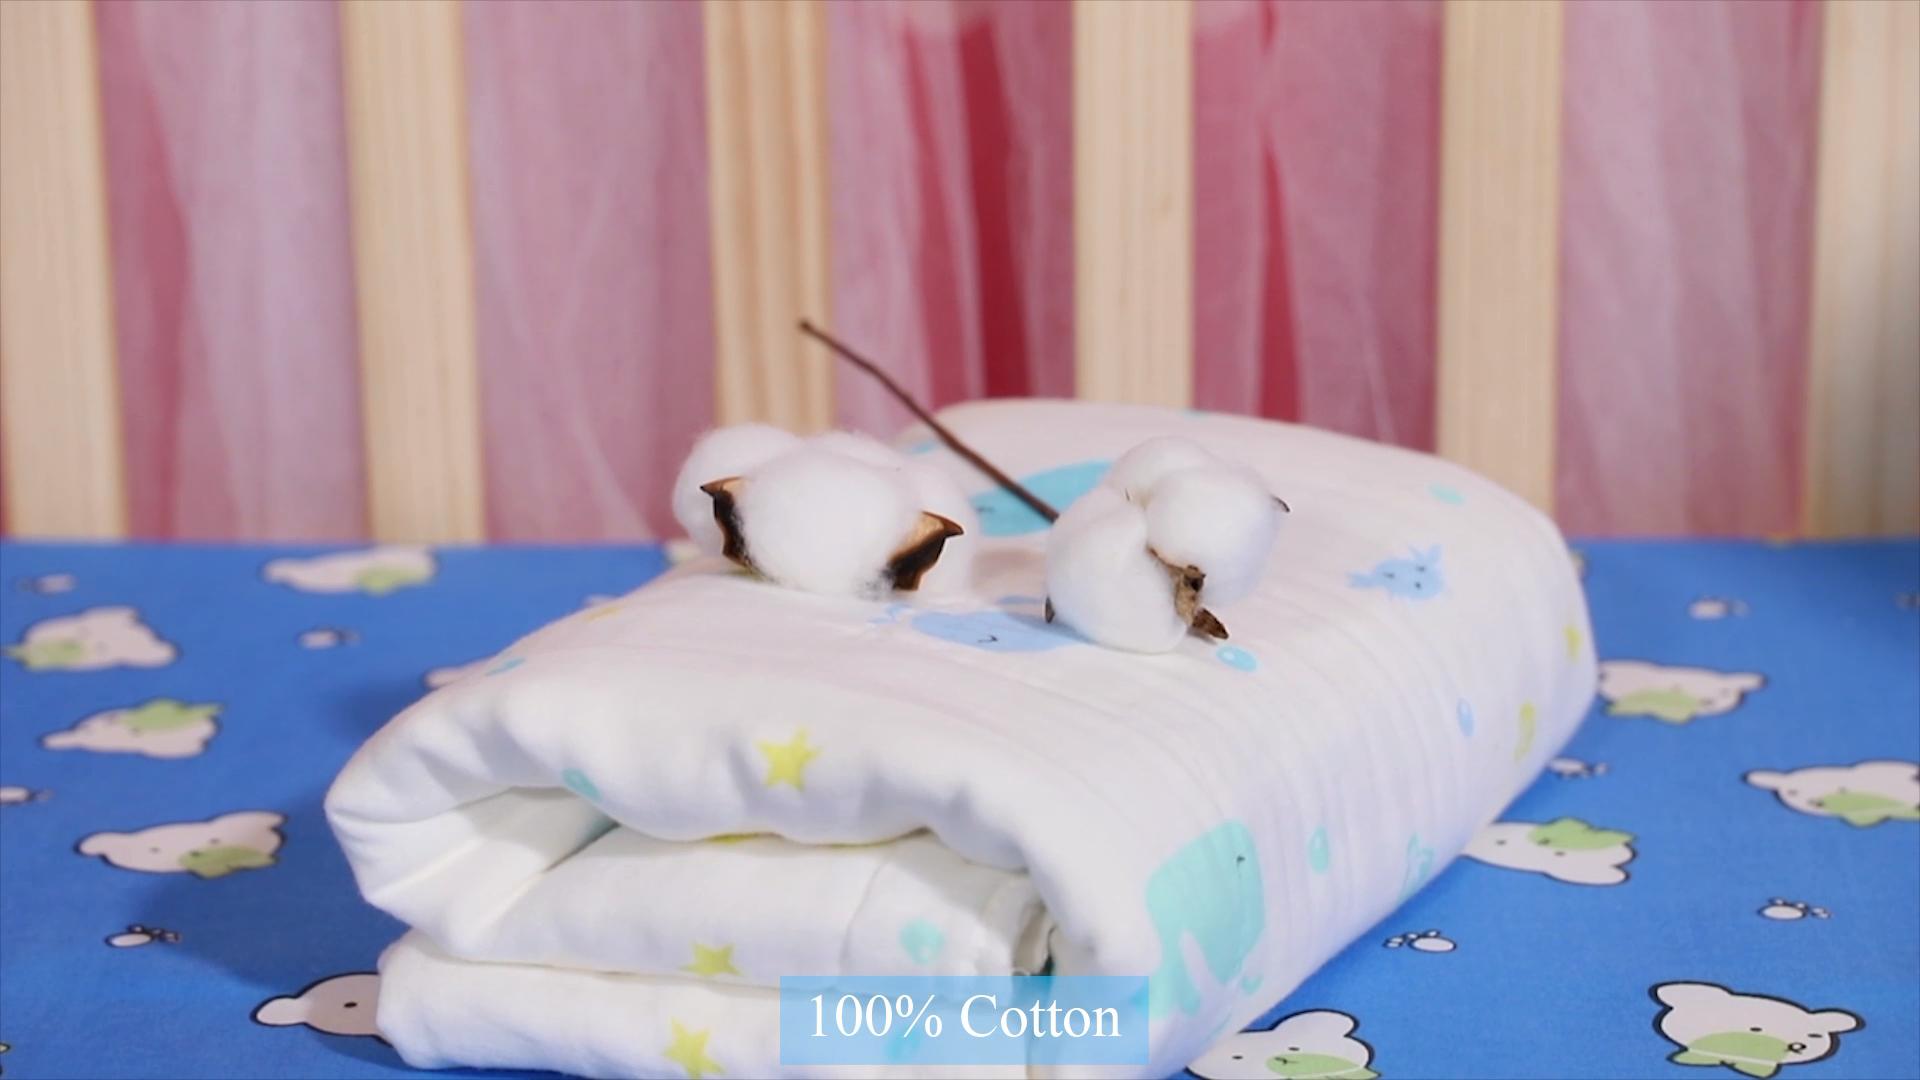 Bayi Cetak Lembut Bayi Handuk Untuk Anak Laki-laki Dan Perempuan Handuk Mandi Kapas Handuk Bayi